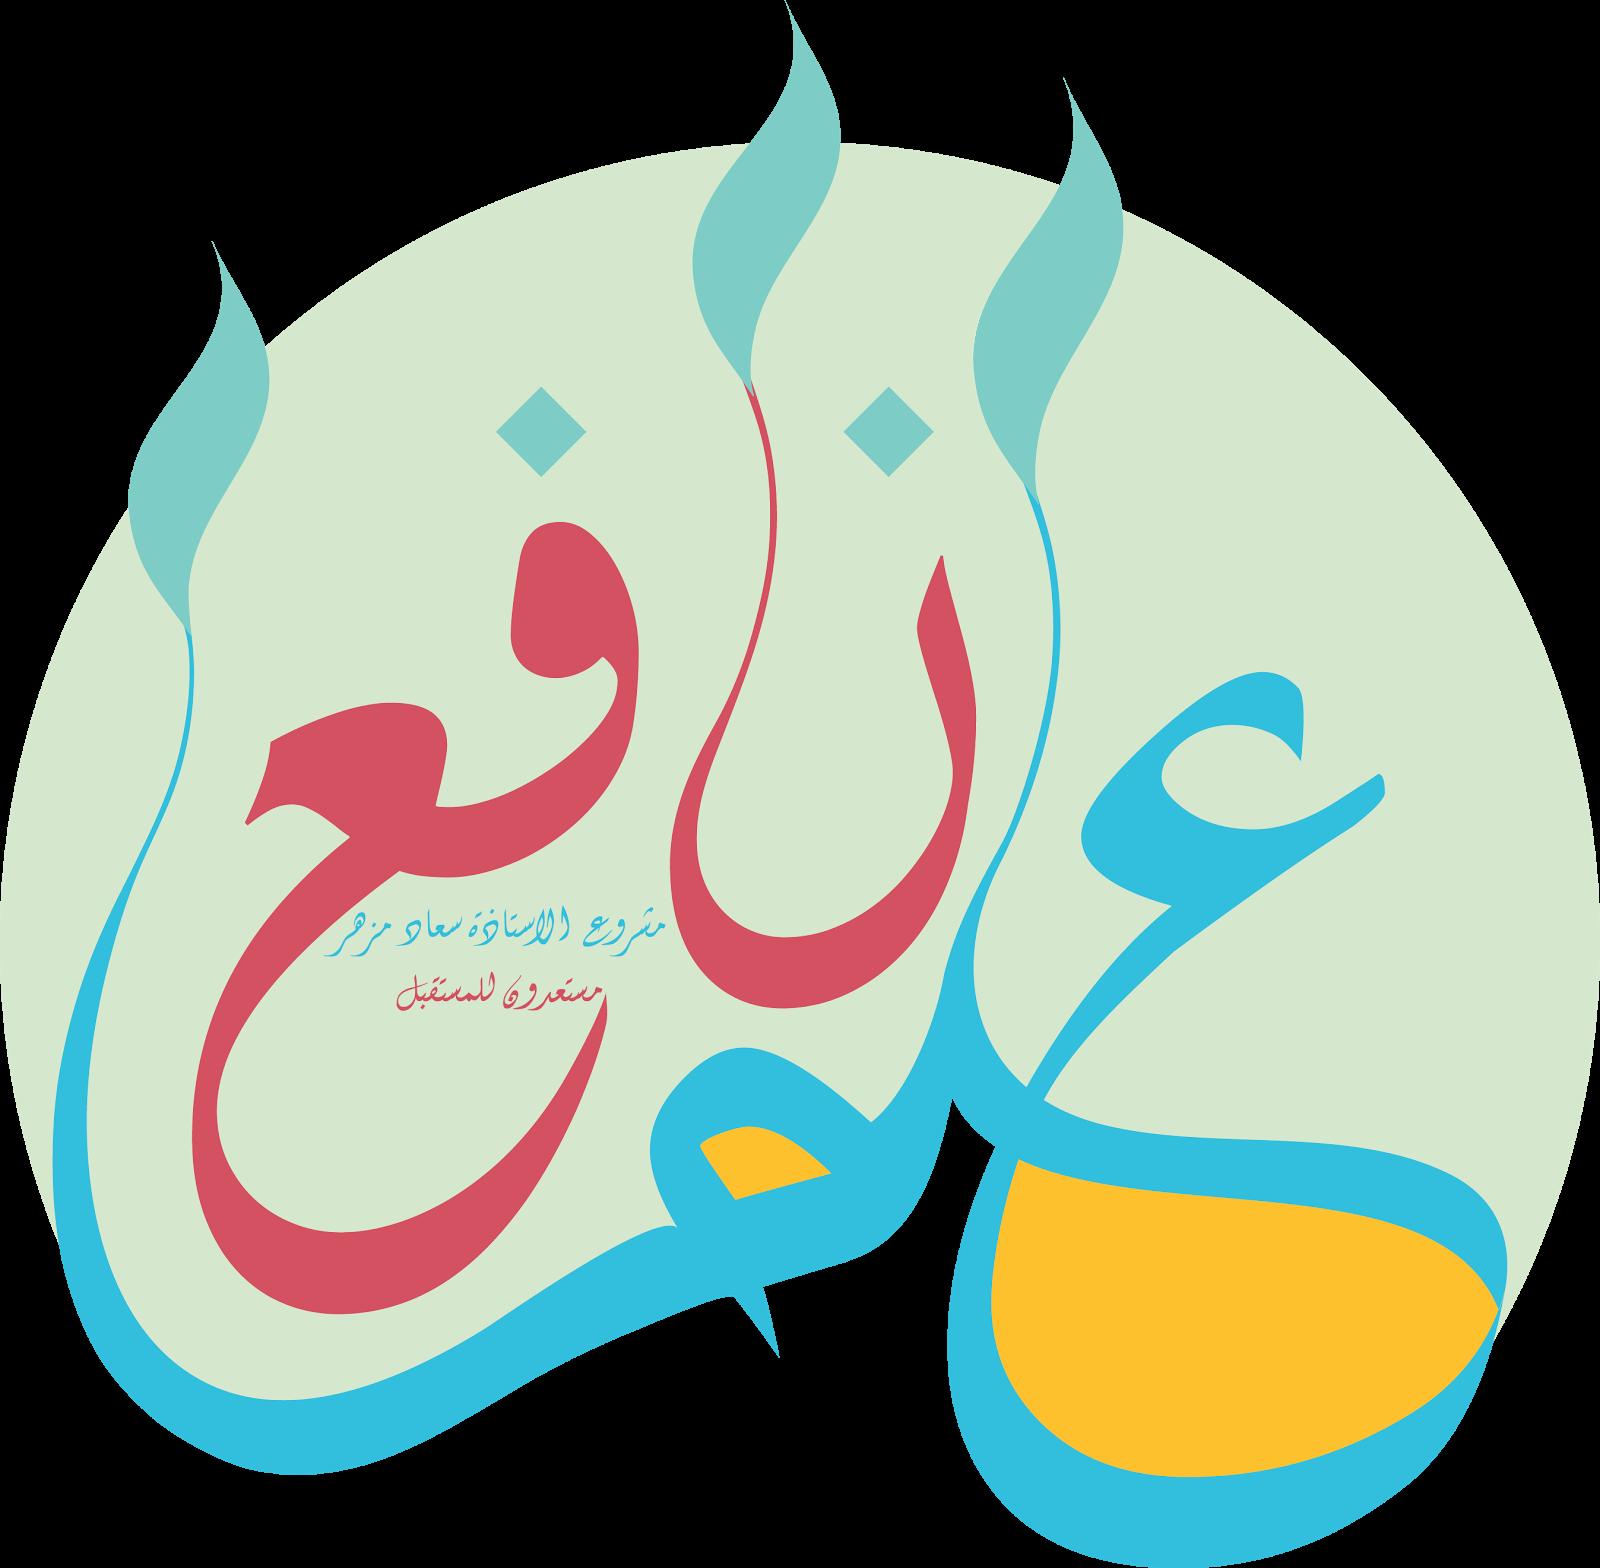 استراتيجية القراءة الفعالة واستراتيجة Sq3r ضمن استراتيجيات التعلم النشط Effective Reading Methods 3ilm Learning Arabic Arabic Kids Active Learning Strategies [ 1568 x 1600 Pixel ]